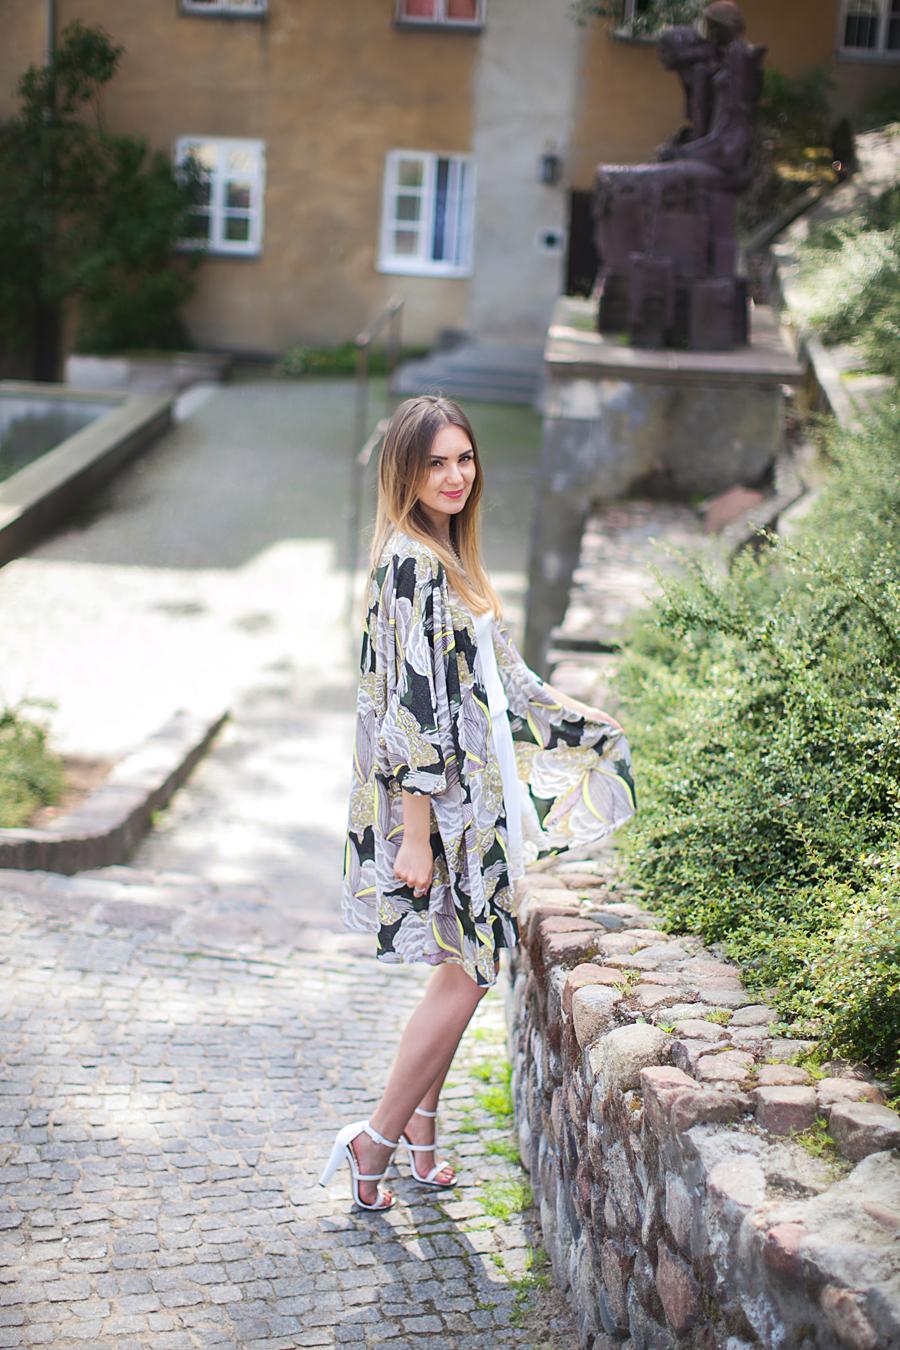 kimono-outfit-ideas-fashion-blogger-street-style